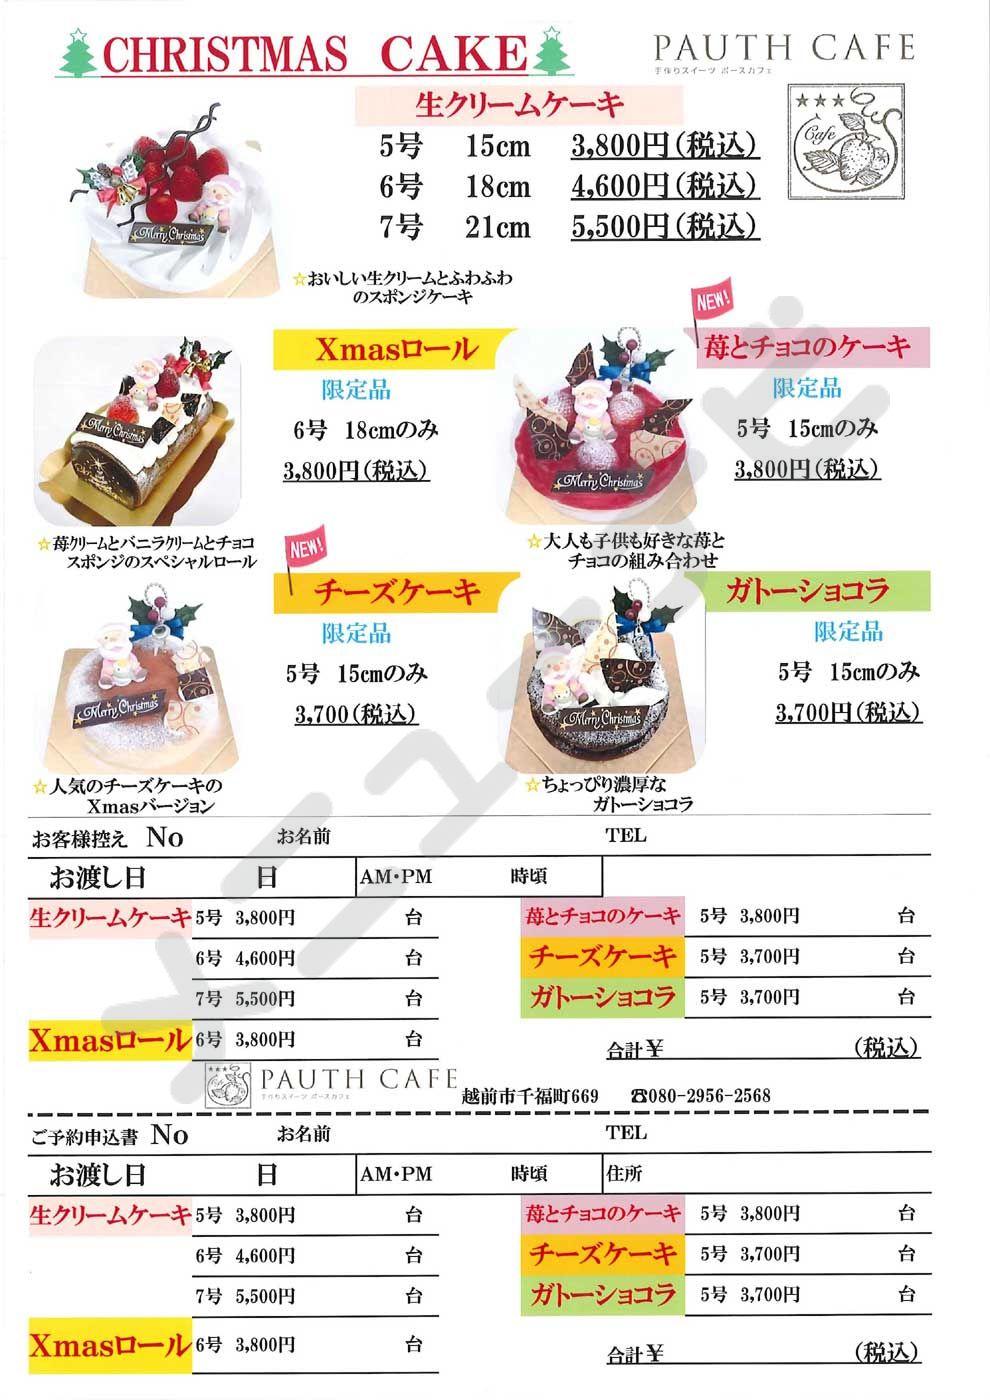 ポースカフェ クリマスケーキ